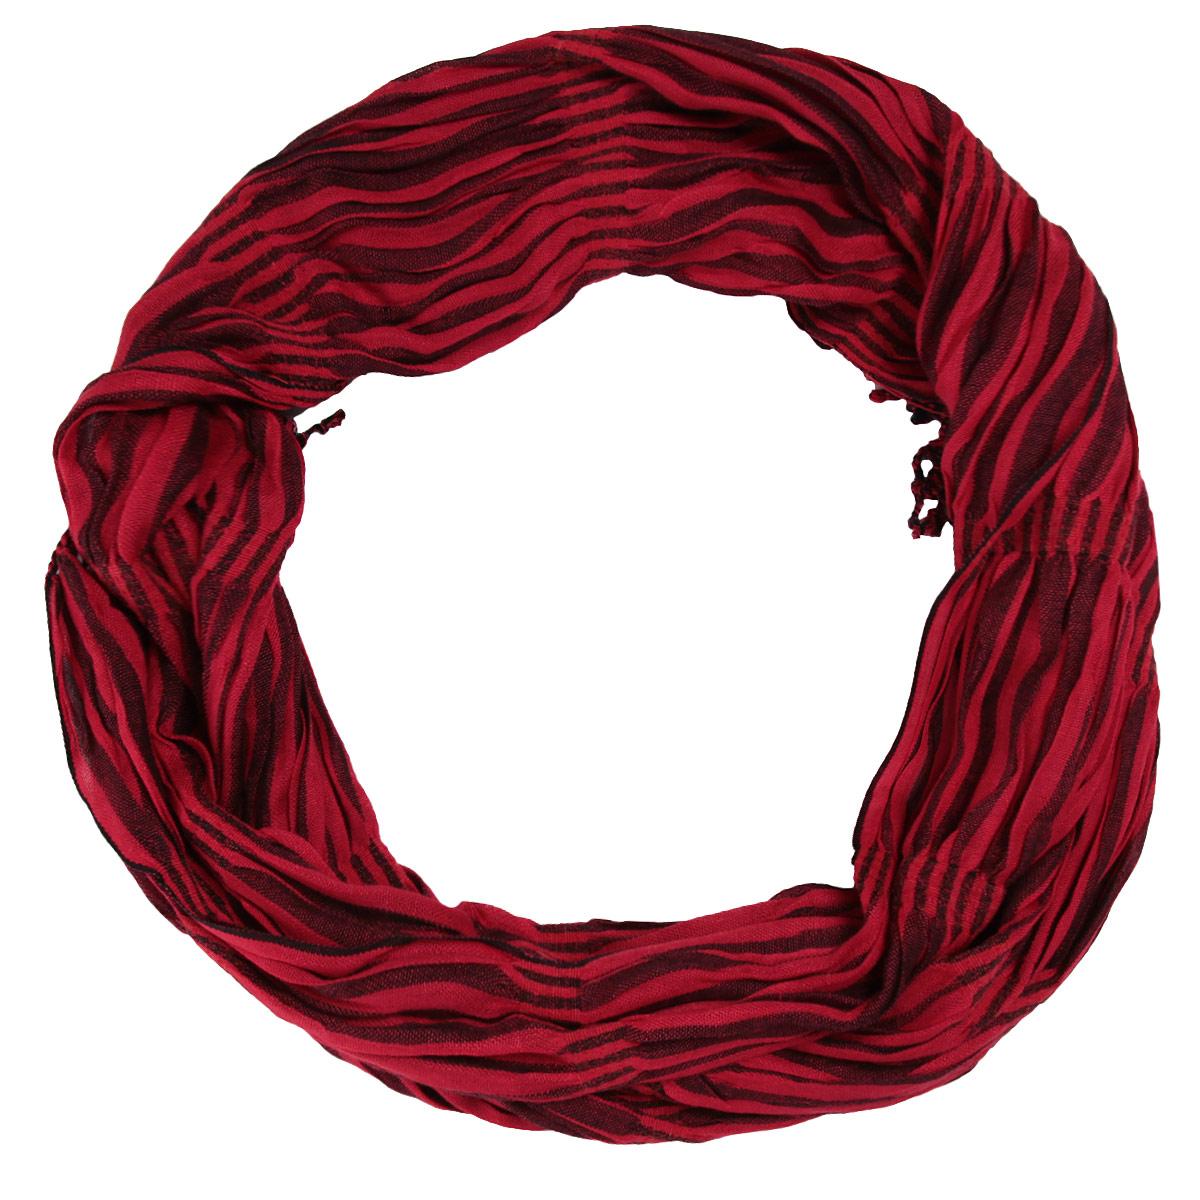 437075нСтильный шарф Ethnica создан подчеркнуть ваш неординарный вкус и индивидуальность. Шарф выполнен из мягкой вискозы с жатым эффектом и оформлен полосатым принтом. По краям шарф декорирован кисточками. Этот модный аксессуар гармонично дополнит образ современной женщины, следящей за своим имиджем и стремящейся всегда оставаться стильной и элегантной.